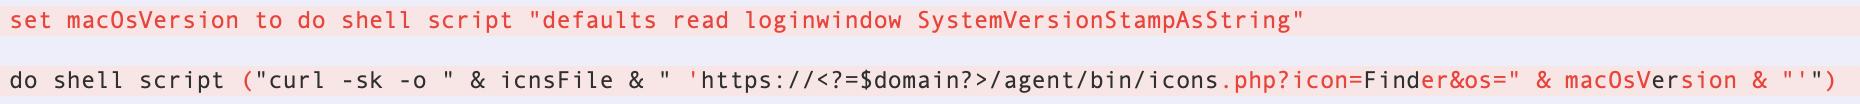 図4:Finderを偽装した偽アイコン(macOS 11.1の場合)